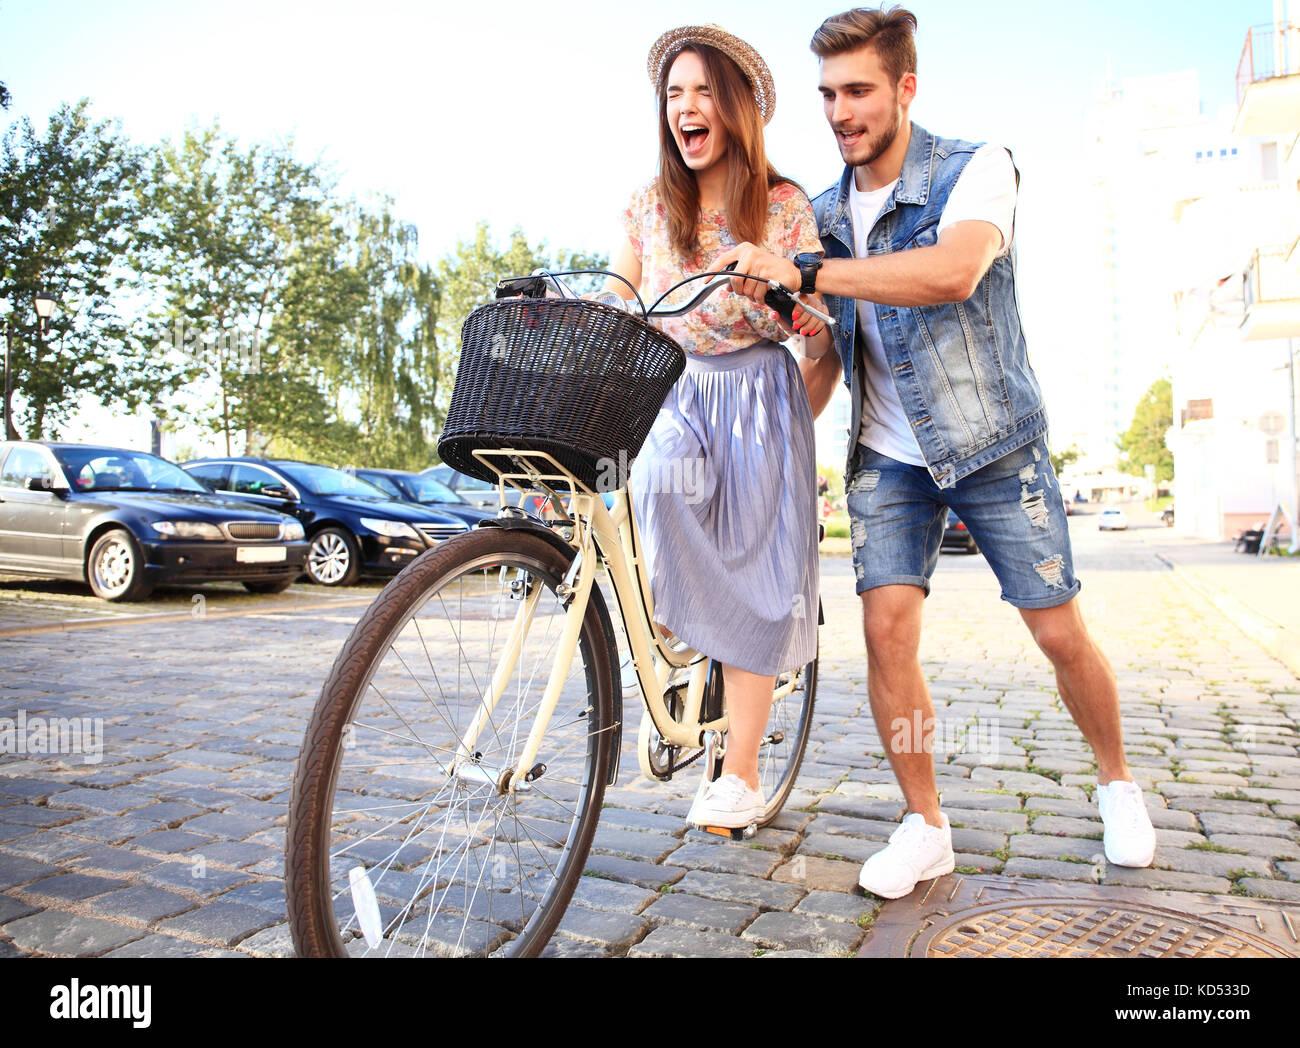 Glückliches junges Paar gehen für eine Fahrt mit dem Fahrrad an einem Sommertag in der Stadt. Sie Spaß Stockbild